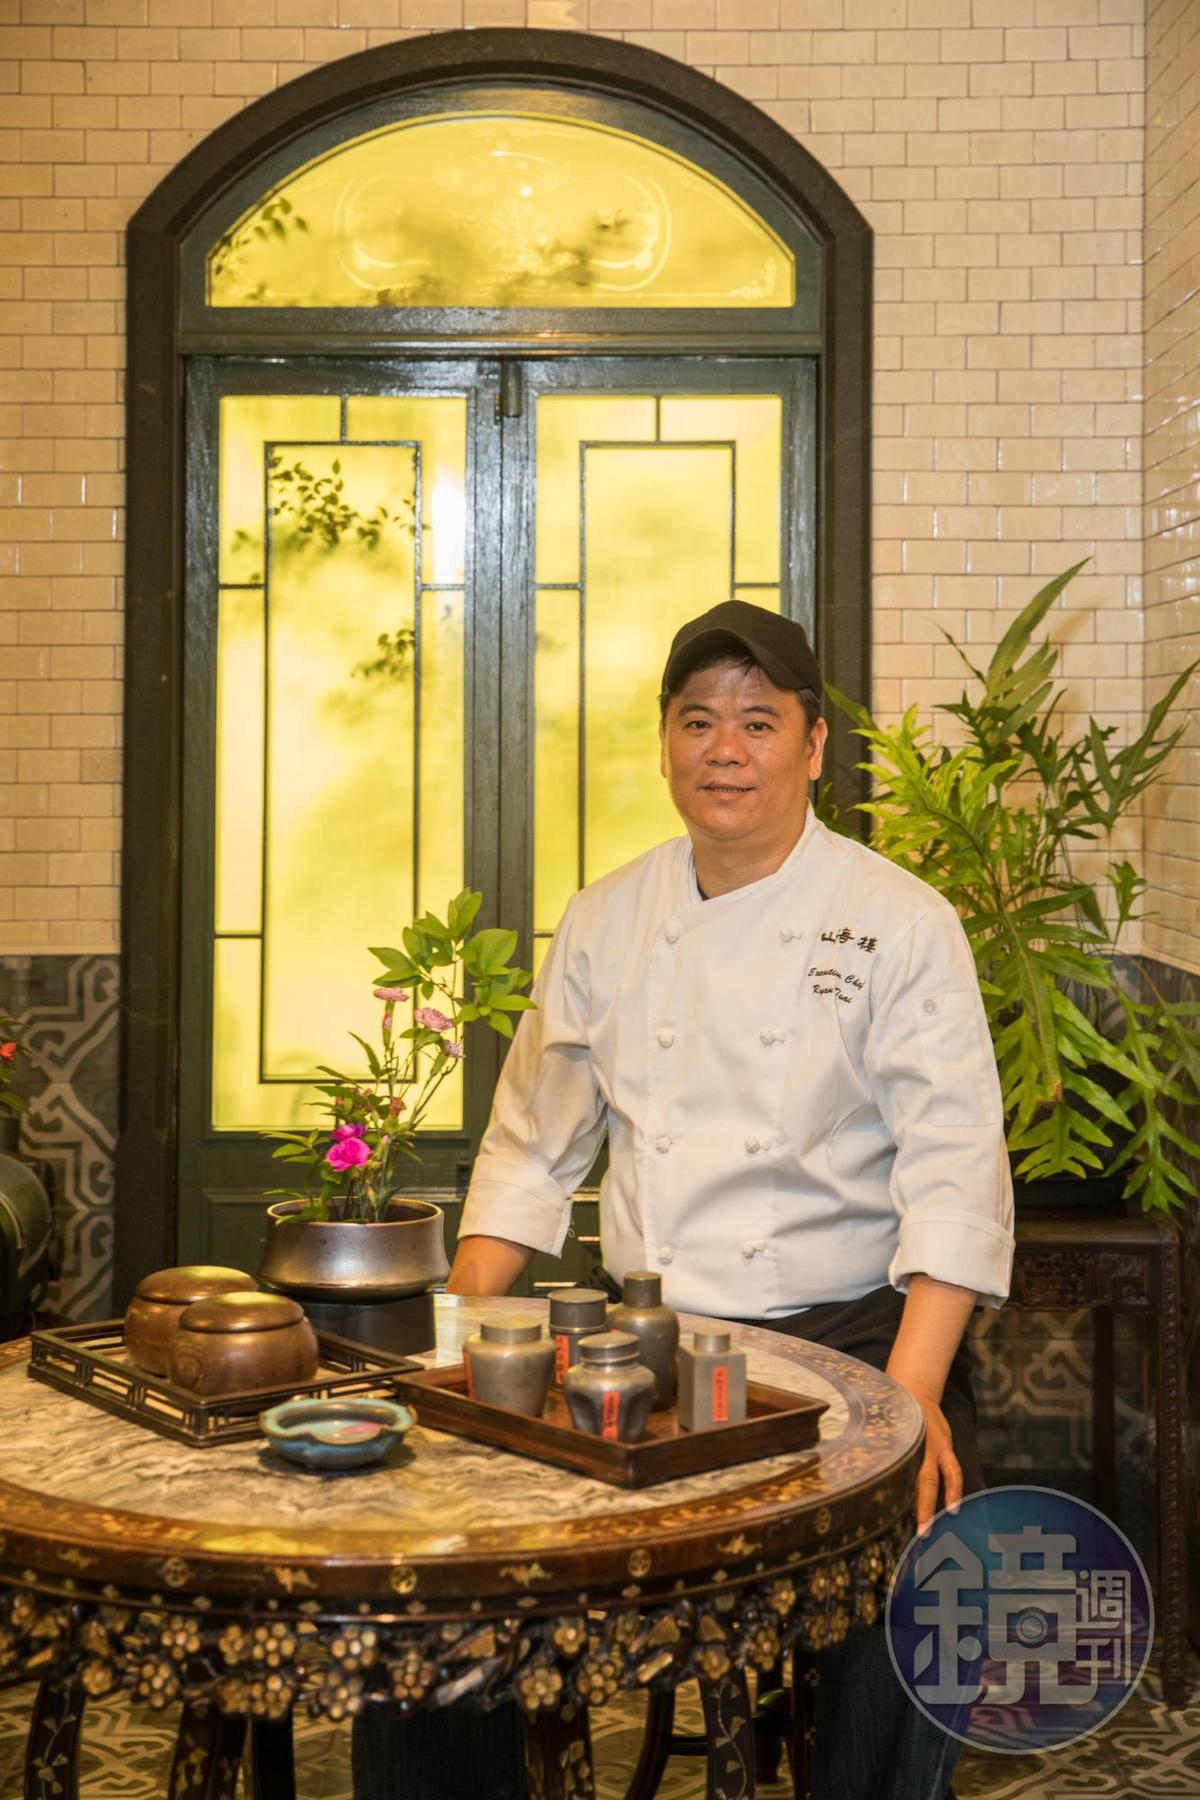 主廚蔡瑞郎和「蓬萊閣」主廚黃德興,習得不少傳統手工宴席菜。